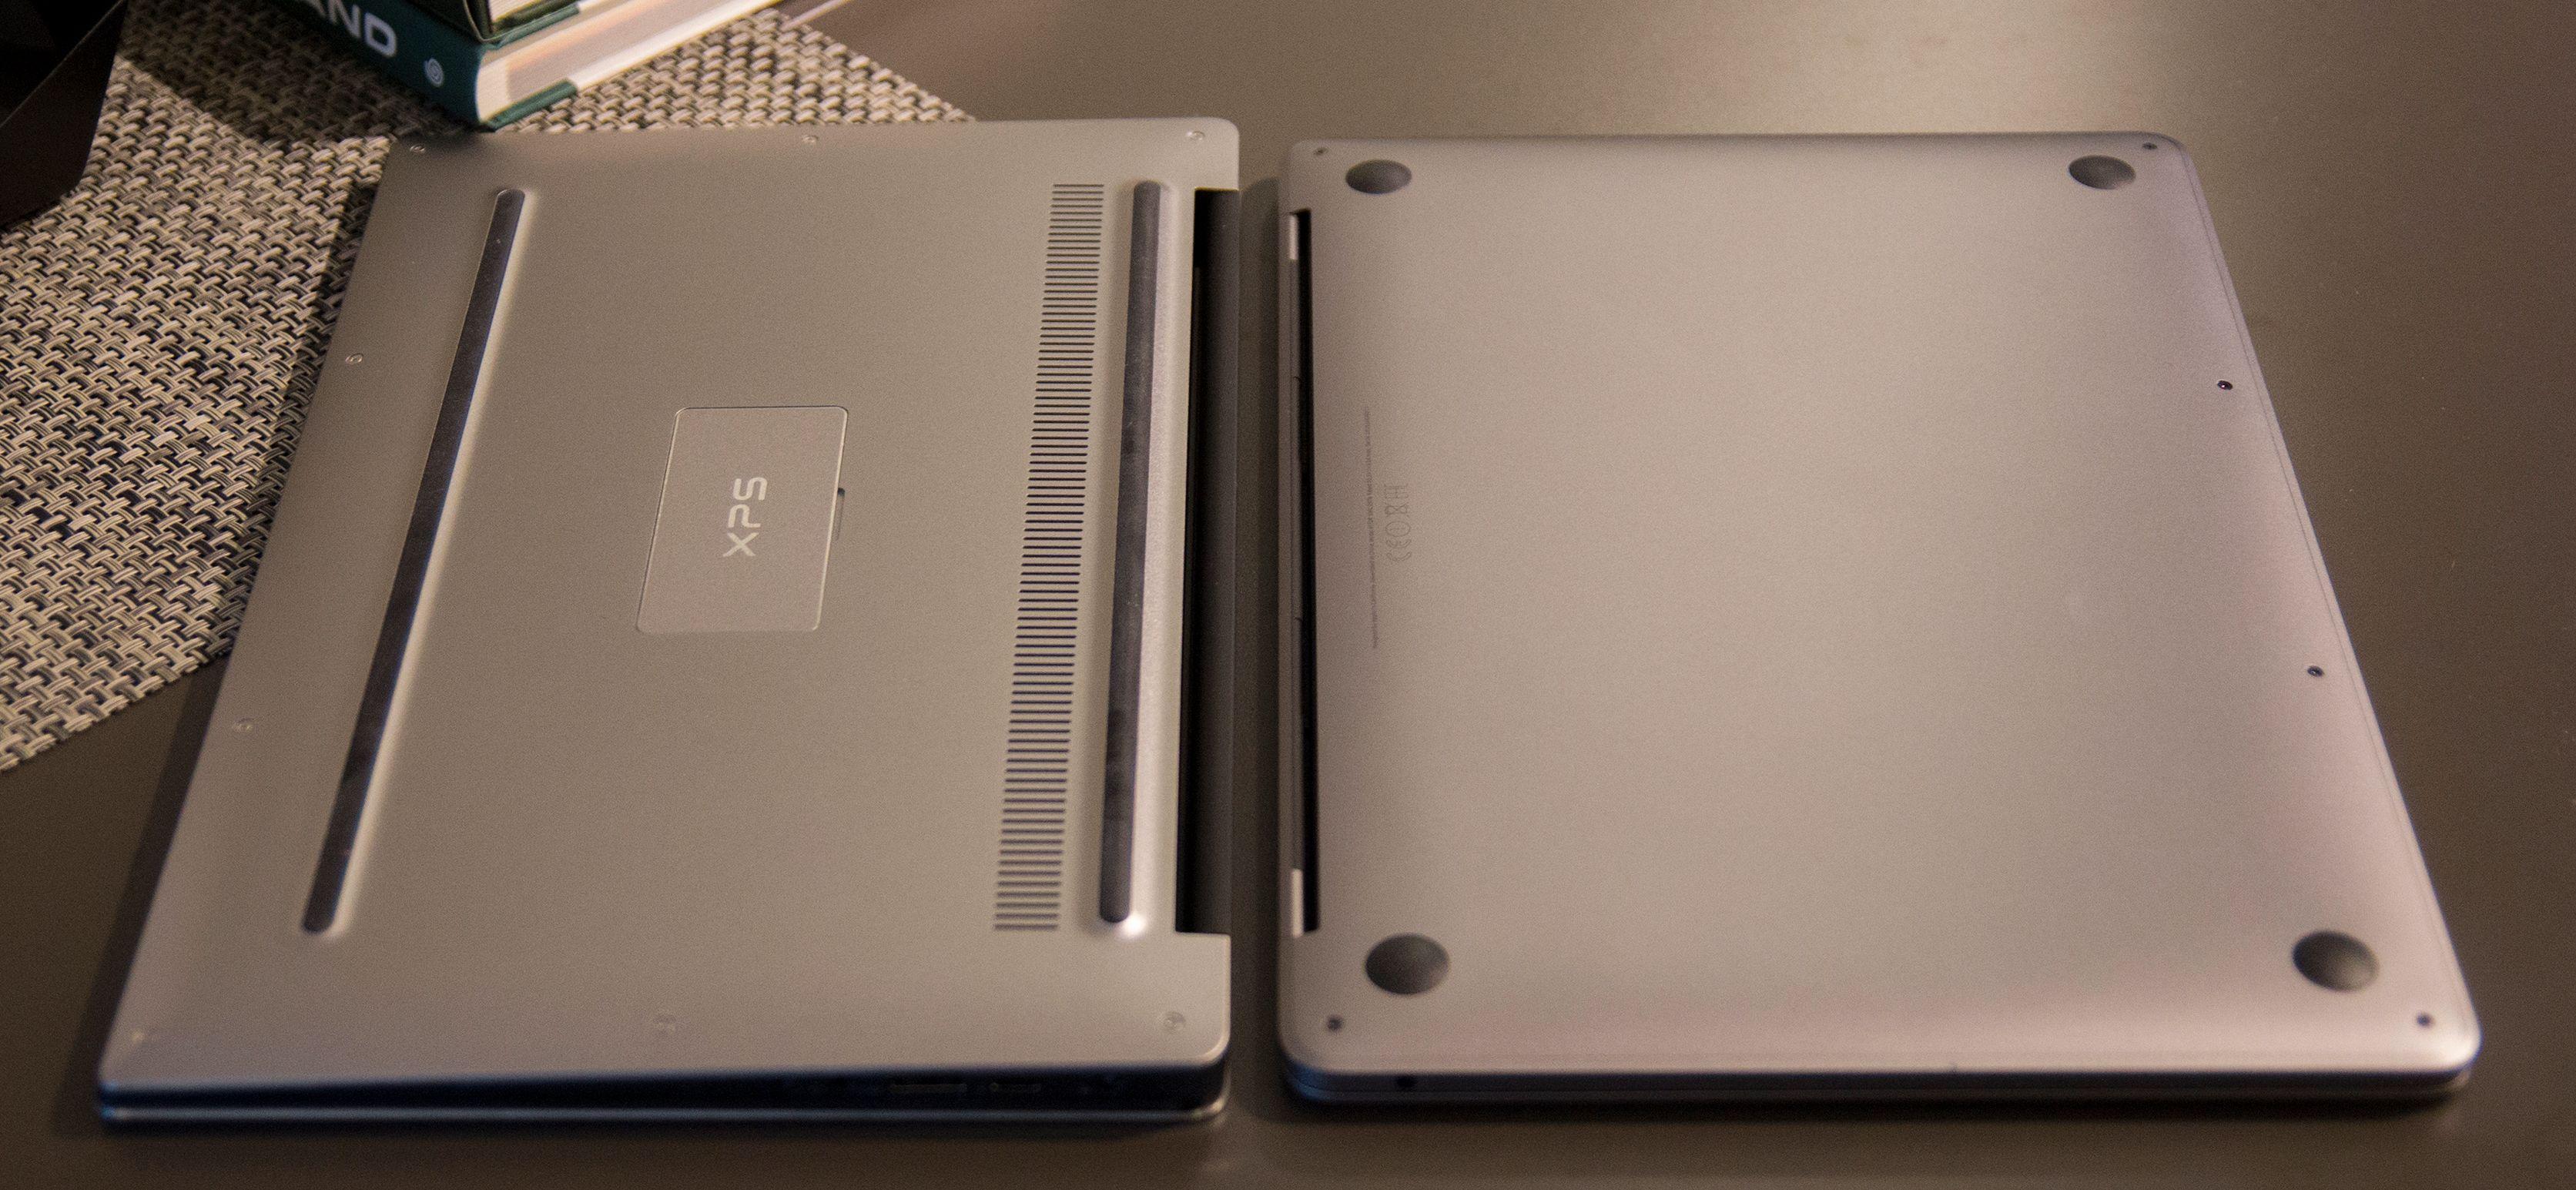 Begge maskinene er veldig minimalistiske, selv på undersiden er det «ryddet opp».